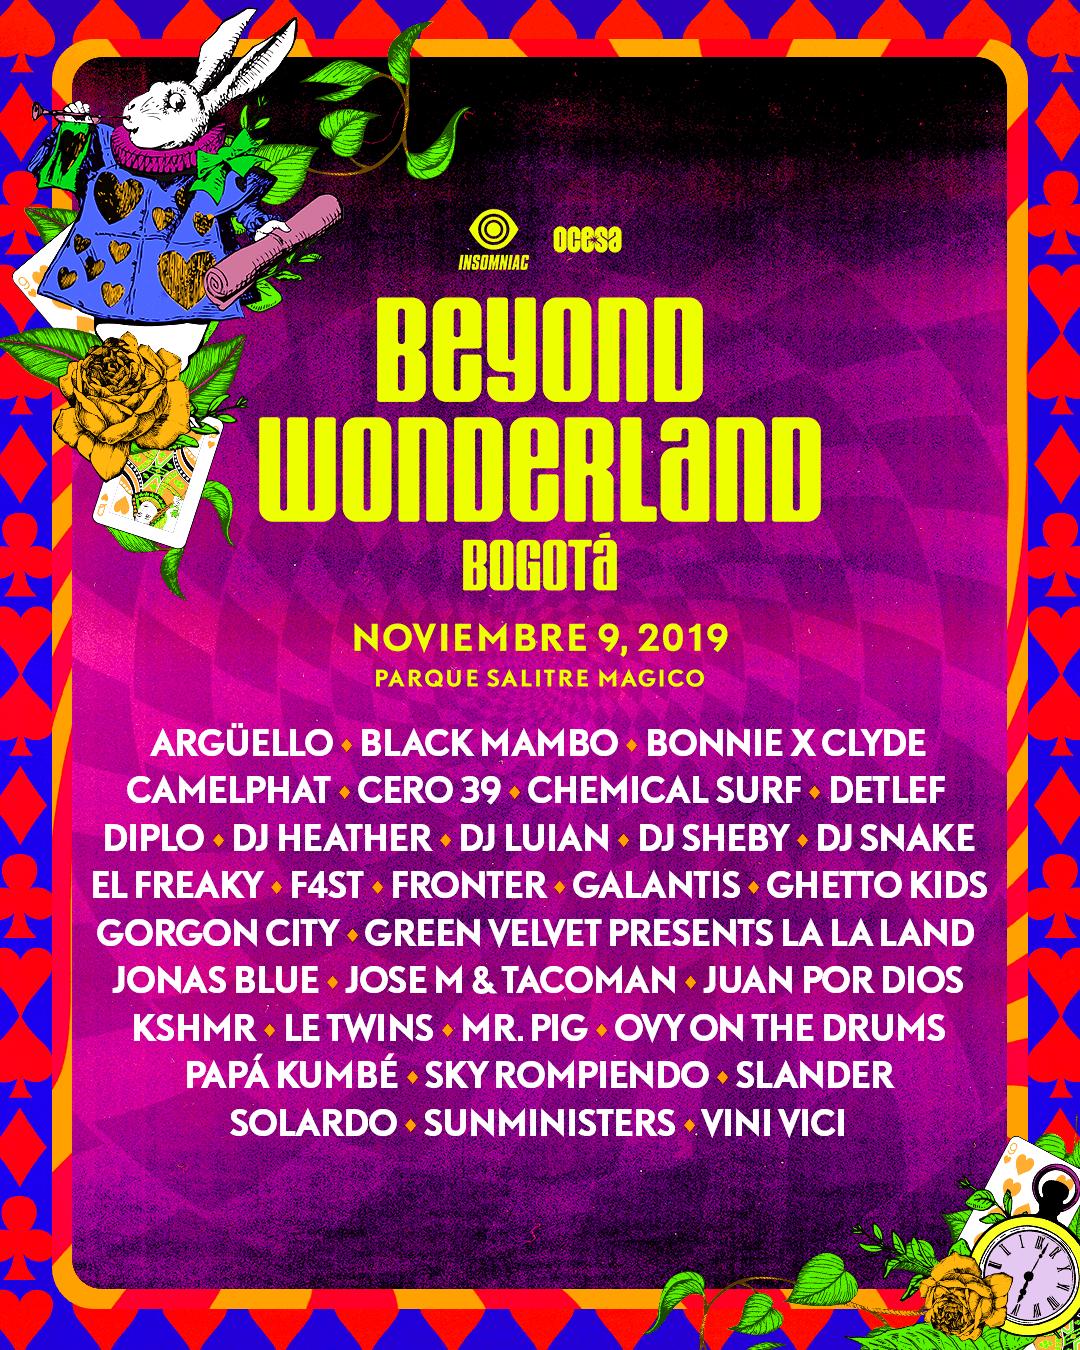 Bogota 2019 lineup